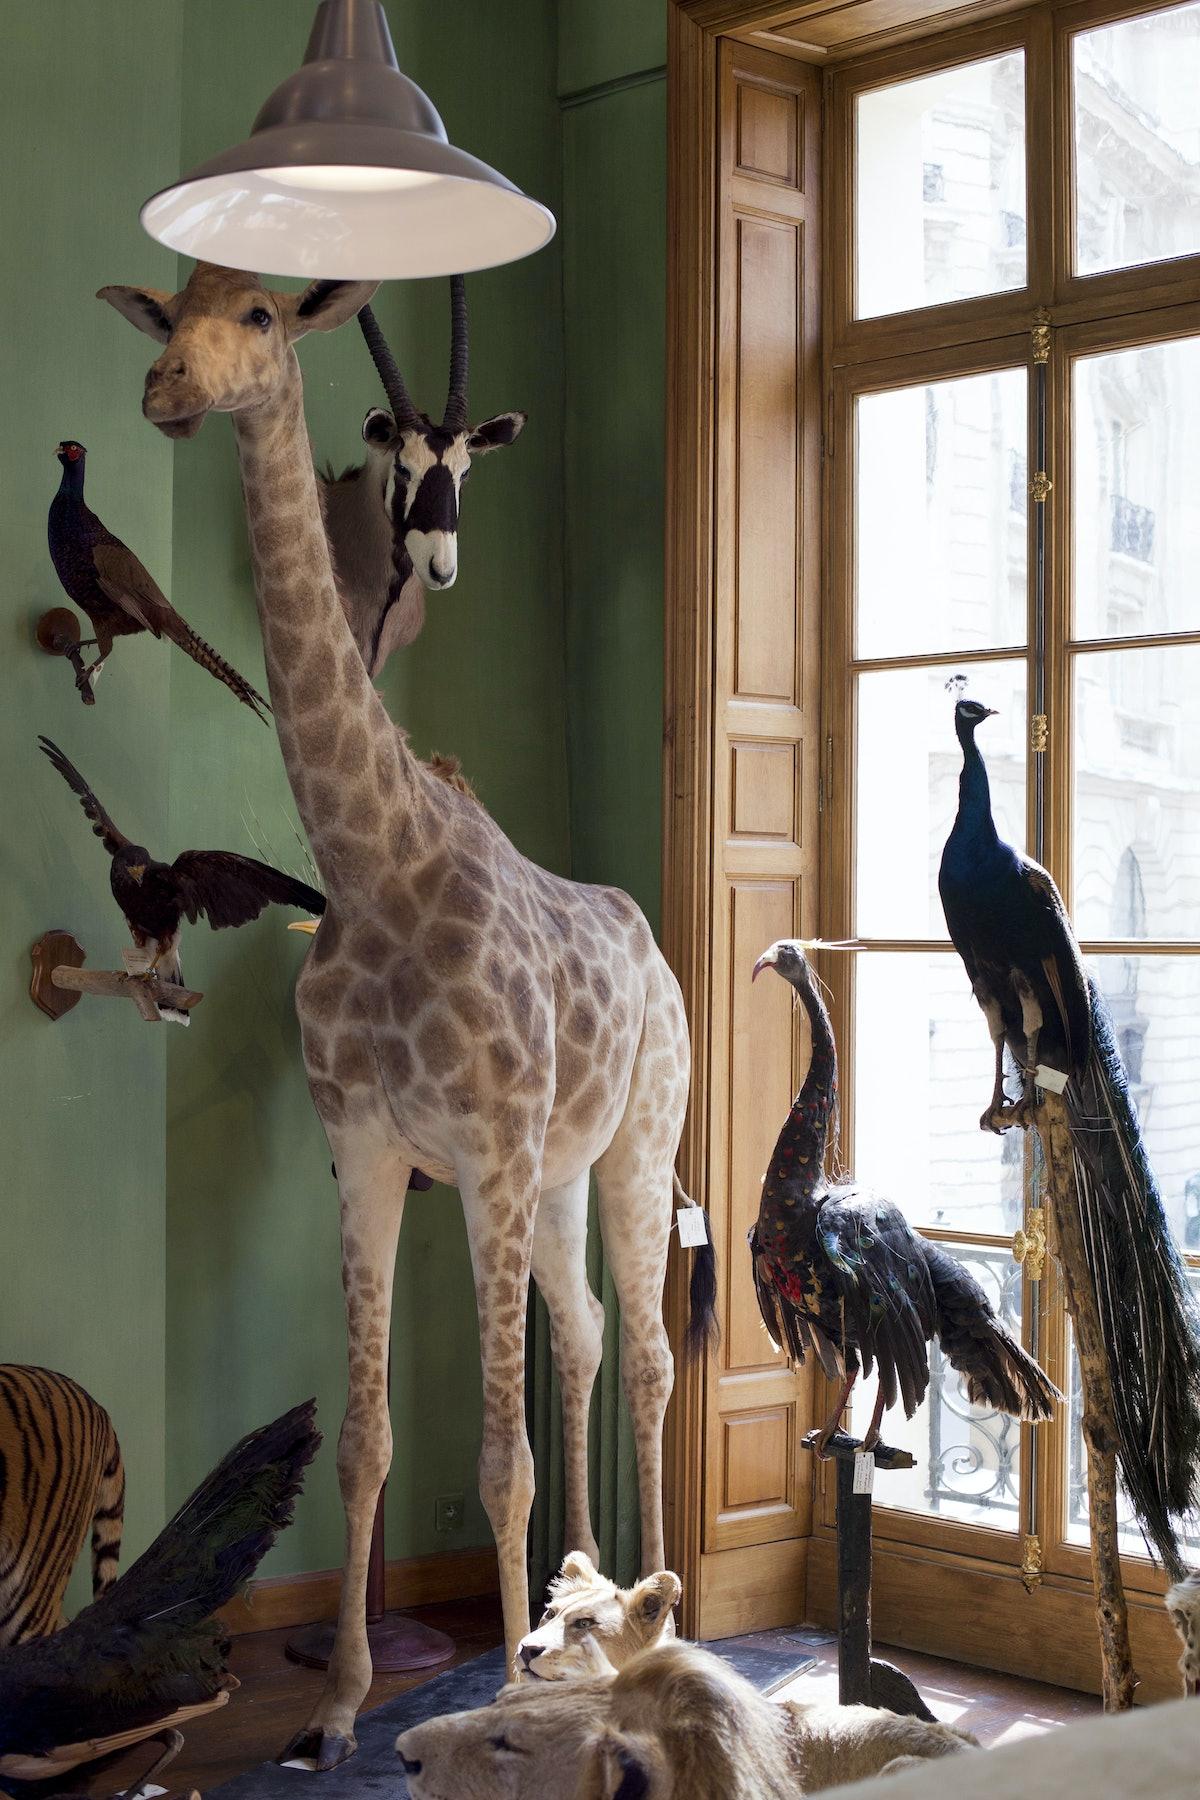 حیوانات طبیعی در مغازه Deyrolle در پاریس در 16 ژوئیه 2013 ، پس از انجام کارهای تعمیر ...